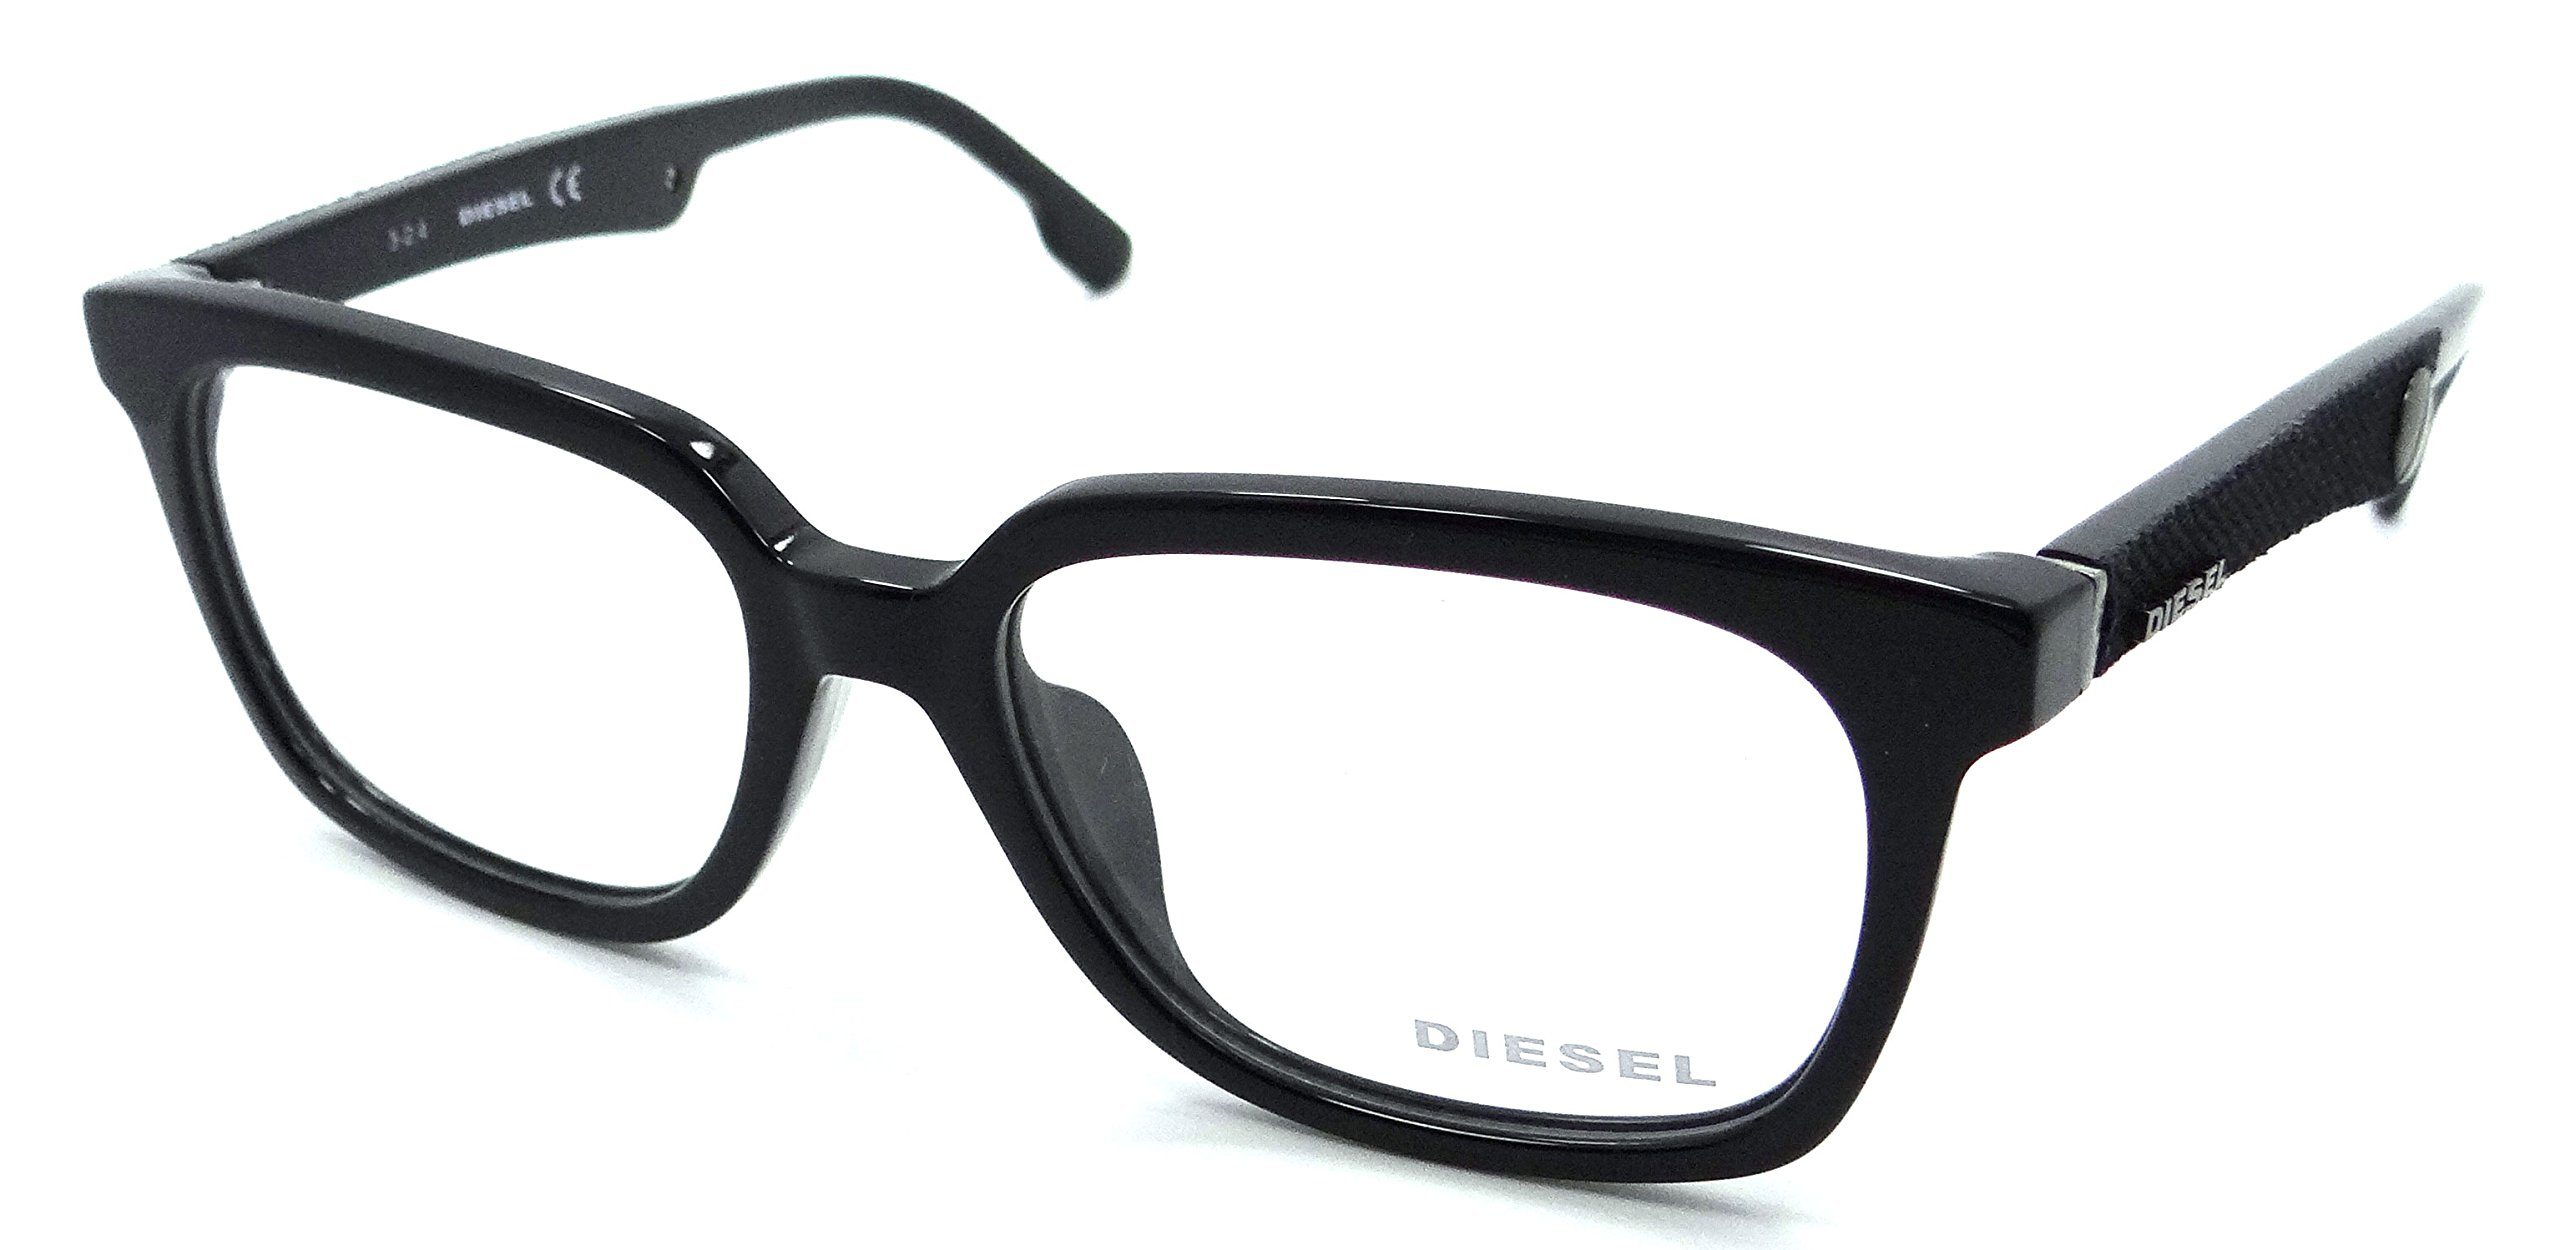 Diesel Rx Eyeglasses Frames DL5143-D 001 54-17-150 Shiny Black Asian Fit